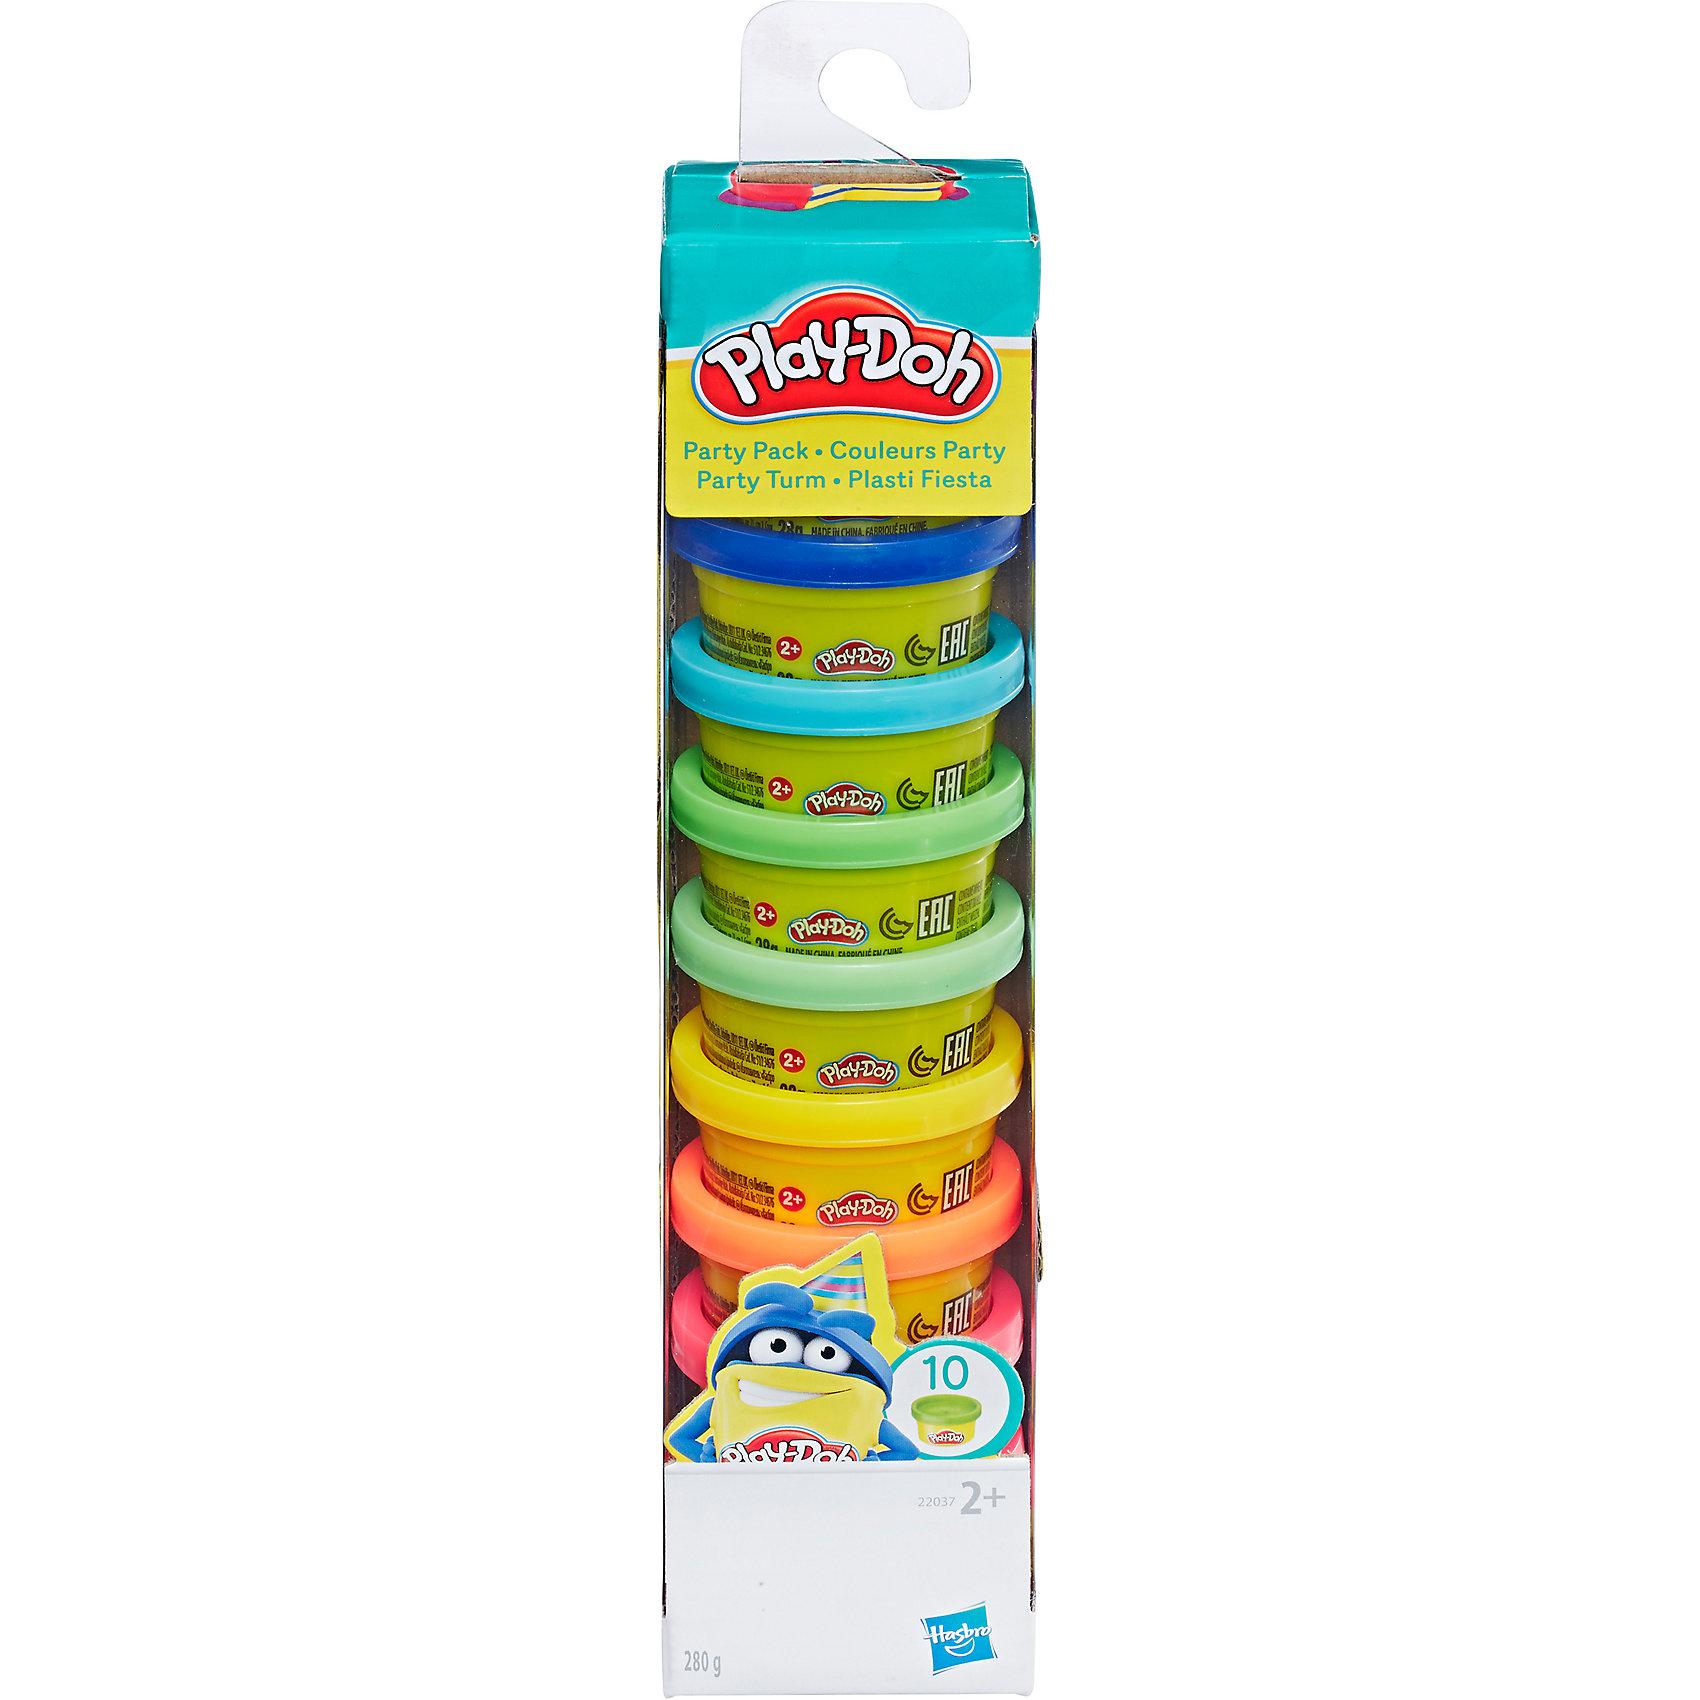 Башня для вечеринки Play-DohПластилин<br>Башня для вечеринки Play-Doh от Hasbro.  Самые невероятные формы и причудливые очертания - даёшь развлечение на детском празднике! С пластилином Плей-До от компании  Hasbro ребенок научиться творить шедевры! <br>Когда у ребенка разыгрывается воображение, нескольких цветов пластилина может быть недостаточно. Однако набор  Башня для вечеринки Play-Doh решит эту проблему – 10 цветов точно будет достаточно для веселой лепки! Цвета можно смешивать для получения невероятных оттенков. <br><br>Дополнительная информация: <br><br>- В комплект входит 10 пластиковых ёмкостей разноцветного пластилина Play-Doh, по 26 г. в каждой баночке. <br>- Пластилин изготавливается только из безопасных ингредиентов, с использованием пшеницы и натуральных красителей. <br>- Не крошится и не ломается, обладает мягкой консистенцией, не прилипает к мебели и полу. <br>- Срок хранения в закрытых баночках:  5 лет. <br>- При длительном хранении на открытом воздухе пластилин может затвердеть, при этом он легко вновь становится пластичным при смачивании тёплой водой. Лепка из пластилина Play-Doh развивает мелкую моторику, координацию, стимулирует речевые центры, учит малыша различать текстуру, запах и цвет, и ничего страшного, если ребенок попробует его на вкус! <br><br>Башню для вечеринки Play-Doh (Плей-До) можно приобрести в нашем магазине.<br><br>Ширина мм: 231<br>Глубина мм: 53<br>Высота мм: 55<br>Вес г: 371<br>Возраст от месяцев: 24<br>Возраст до месяцев: 72<br>Пол: Унисекс<br>Возраст: Детский<br>SKU: 2149726